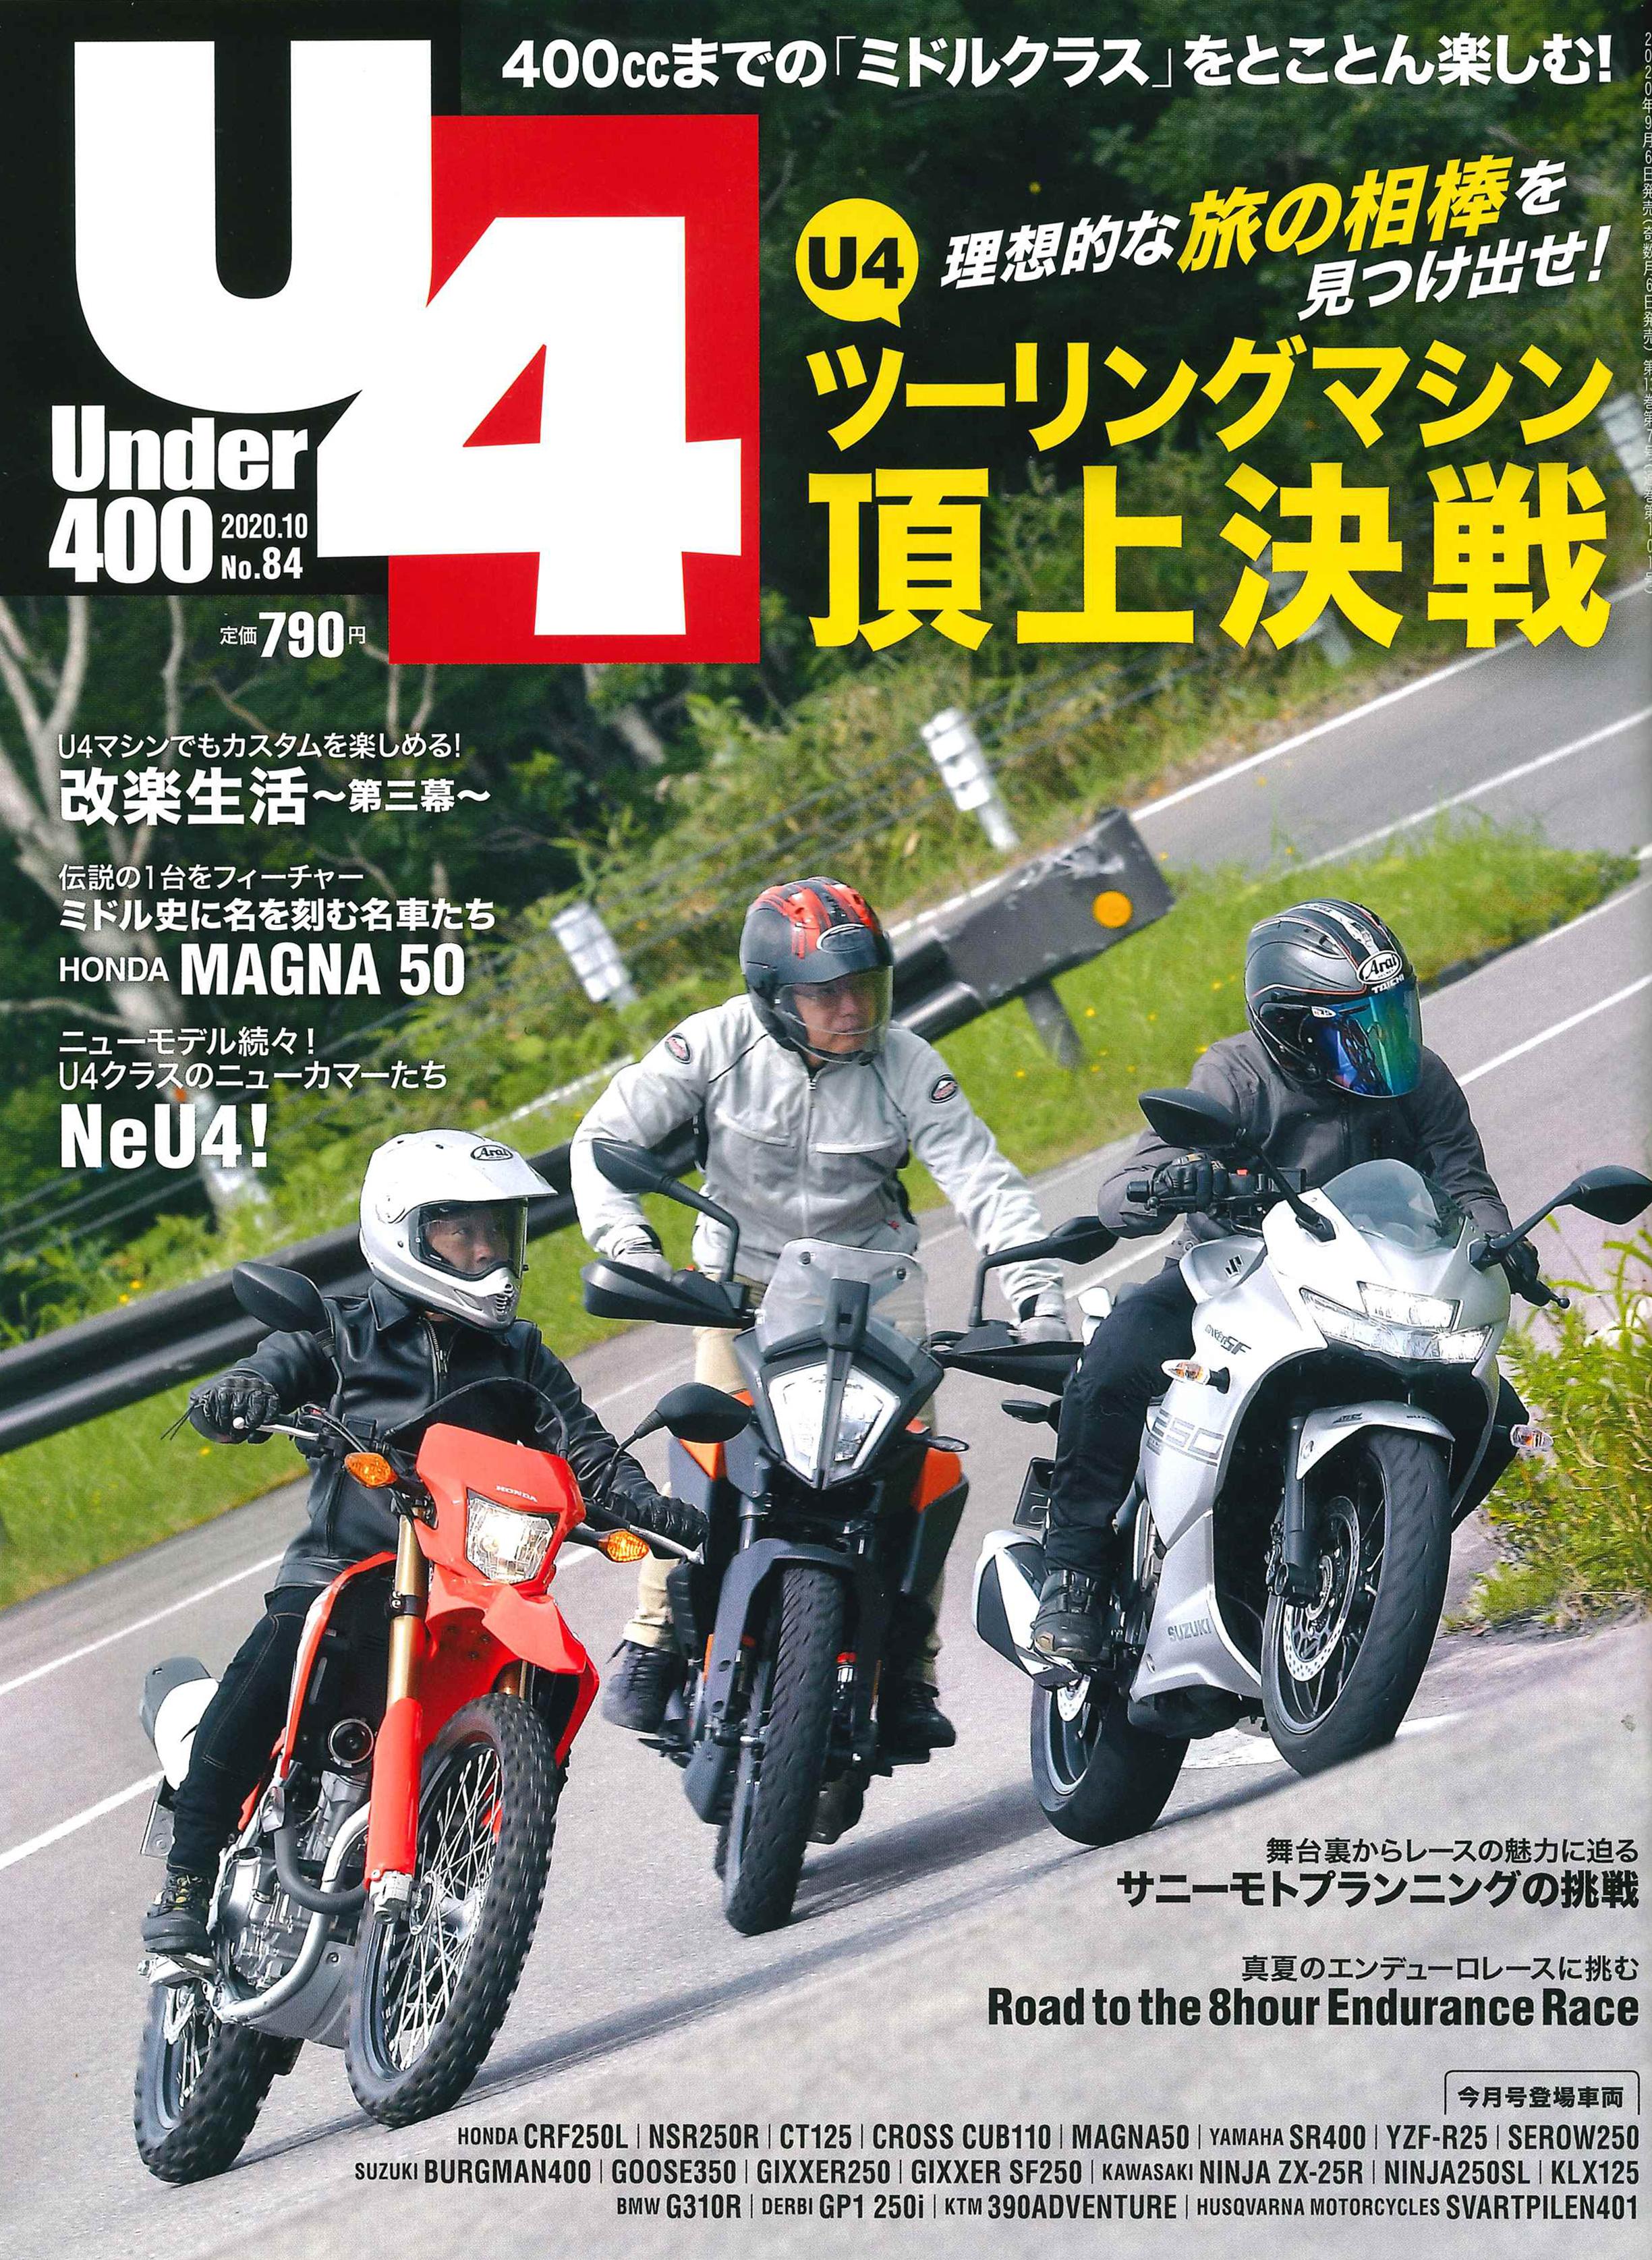 【Under400 10月号】『ヘルメットアタッチメントSHOEI用と5V6A』